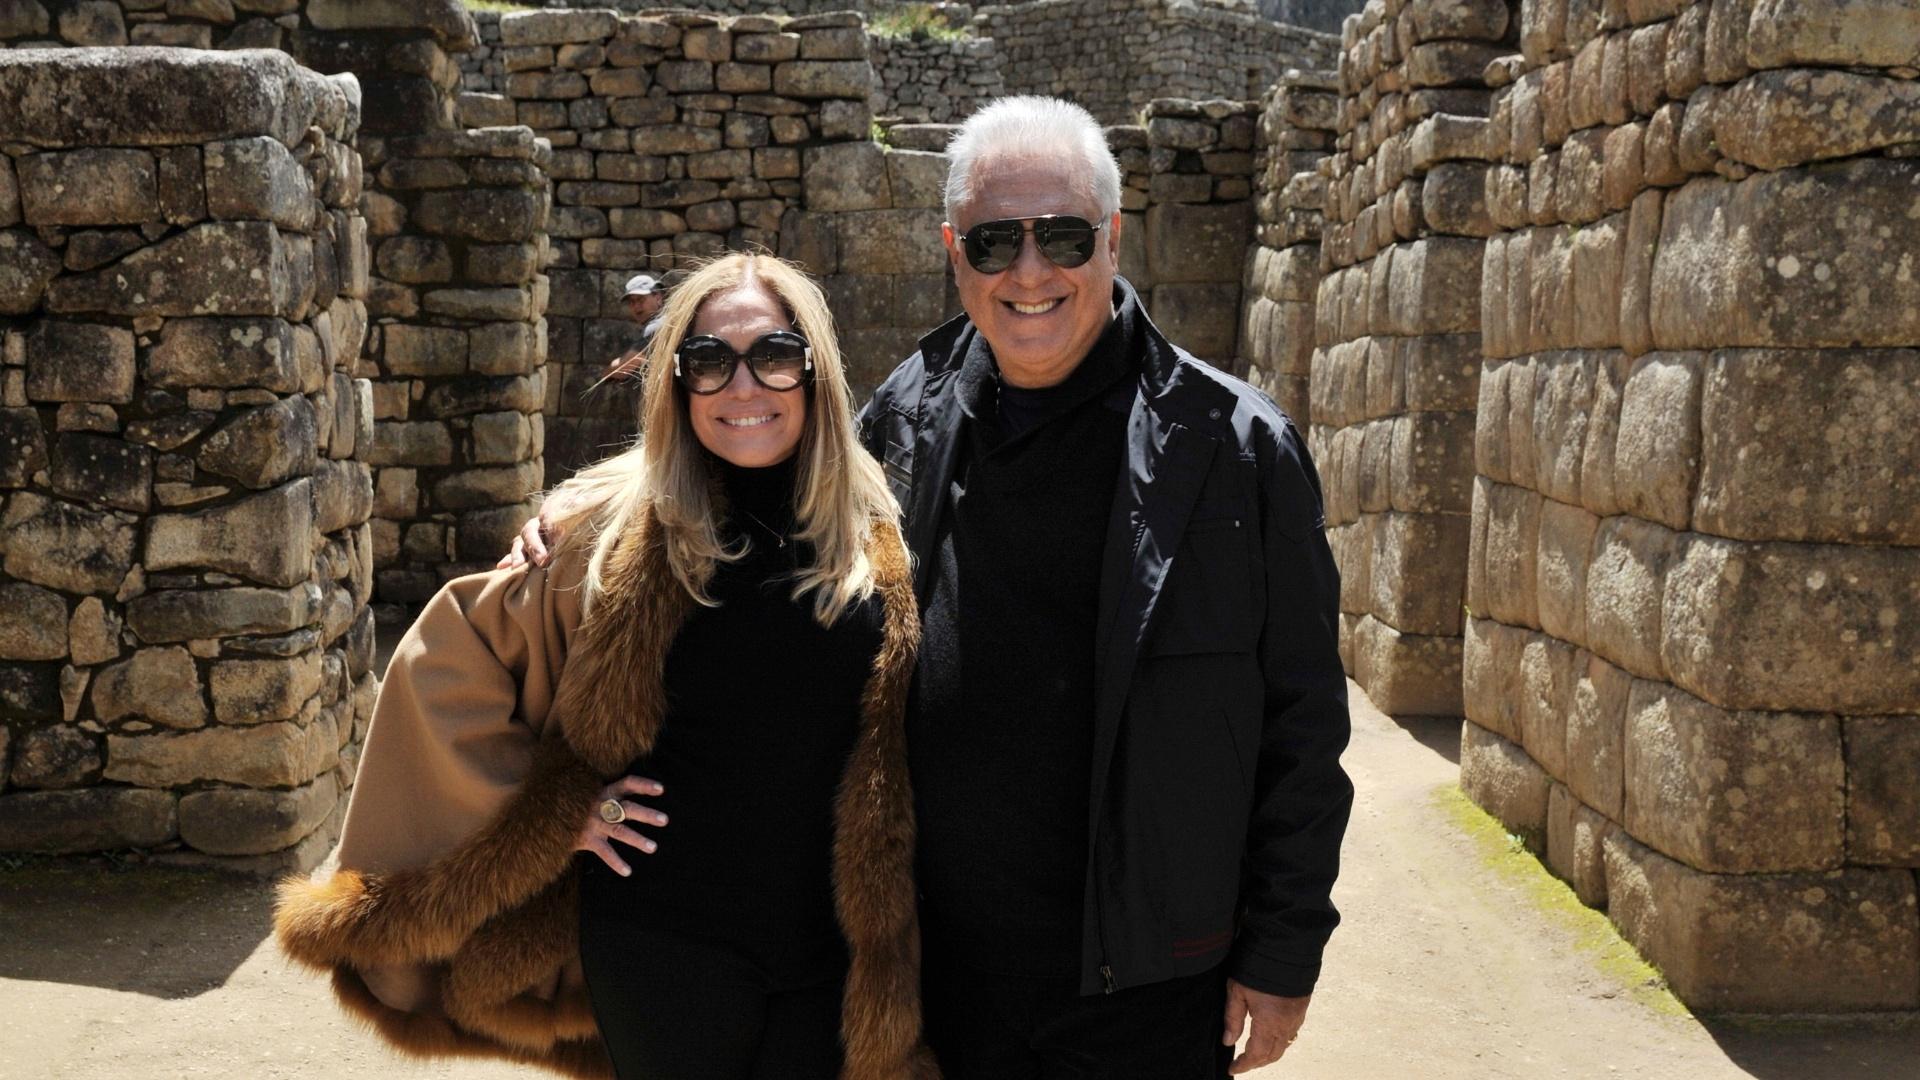 Susana Vieira e Antonio Fagundes durante gravação no Peru